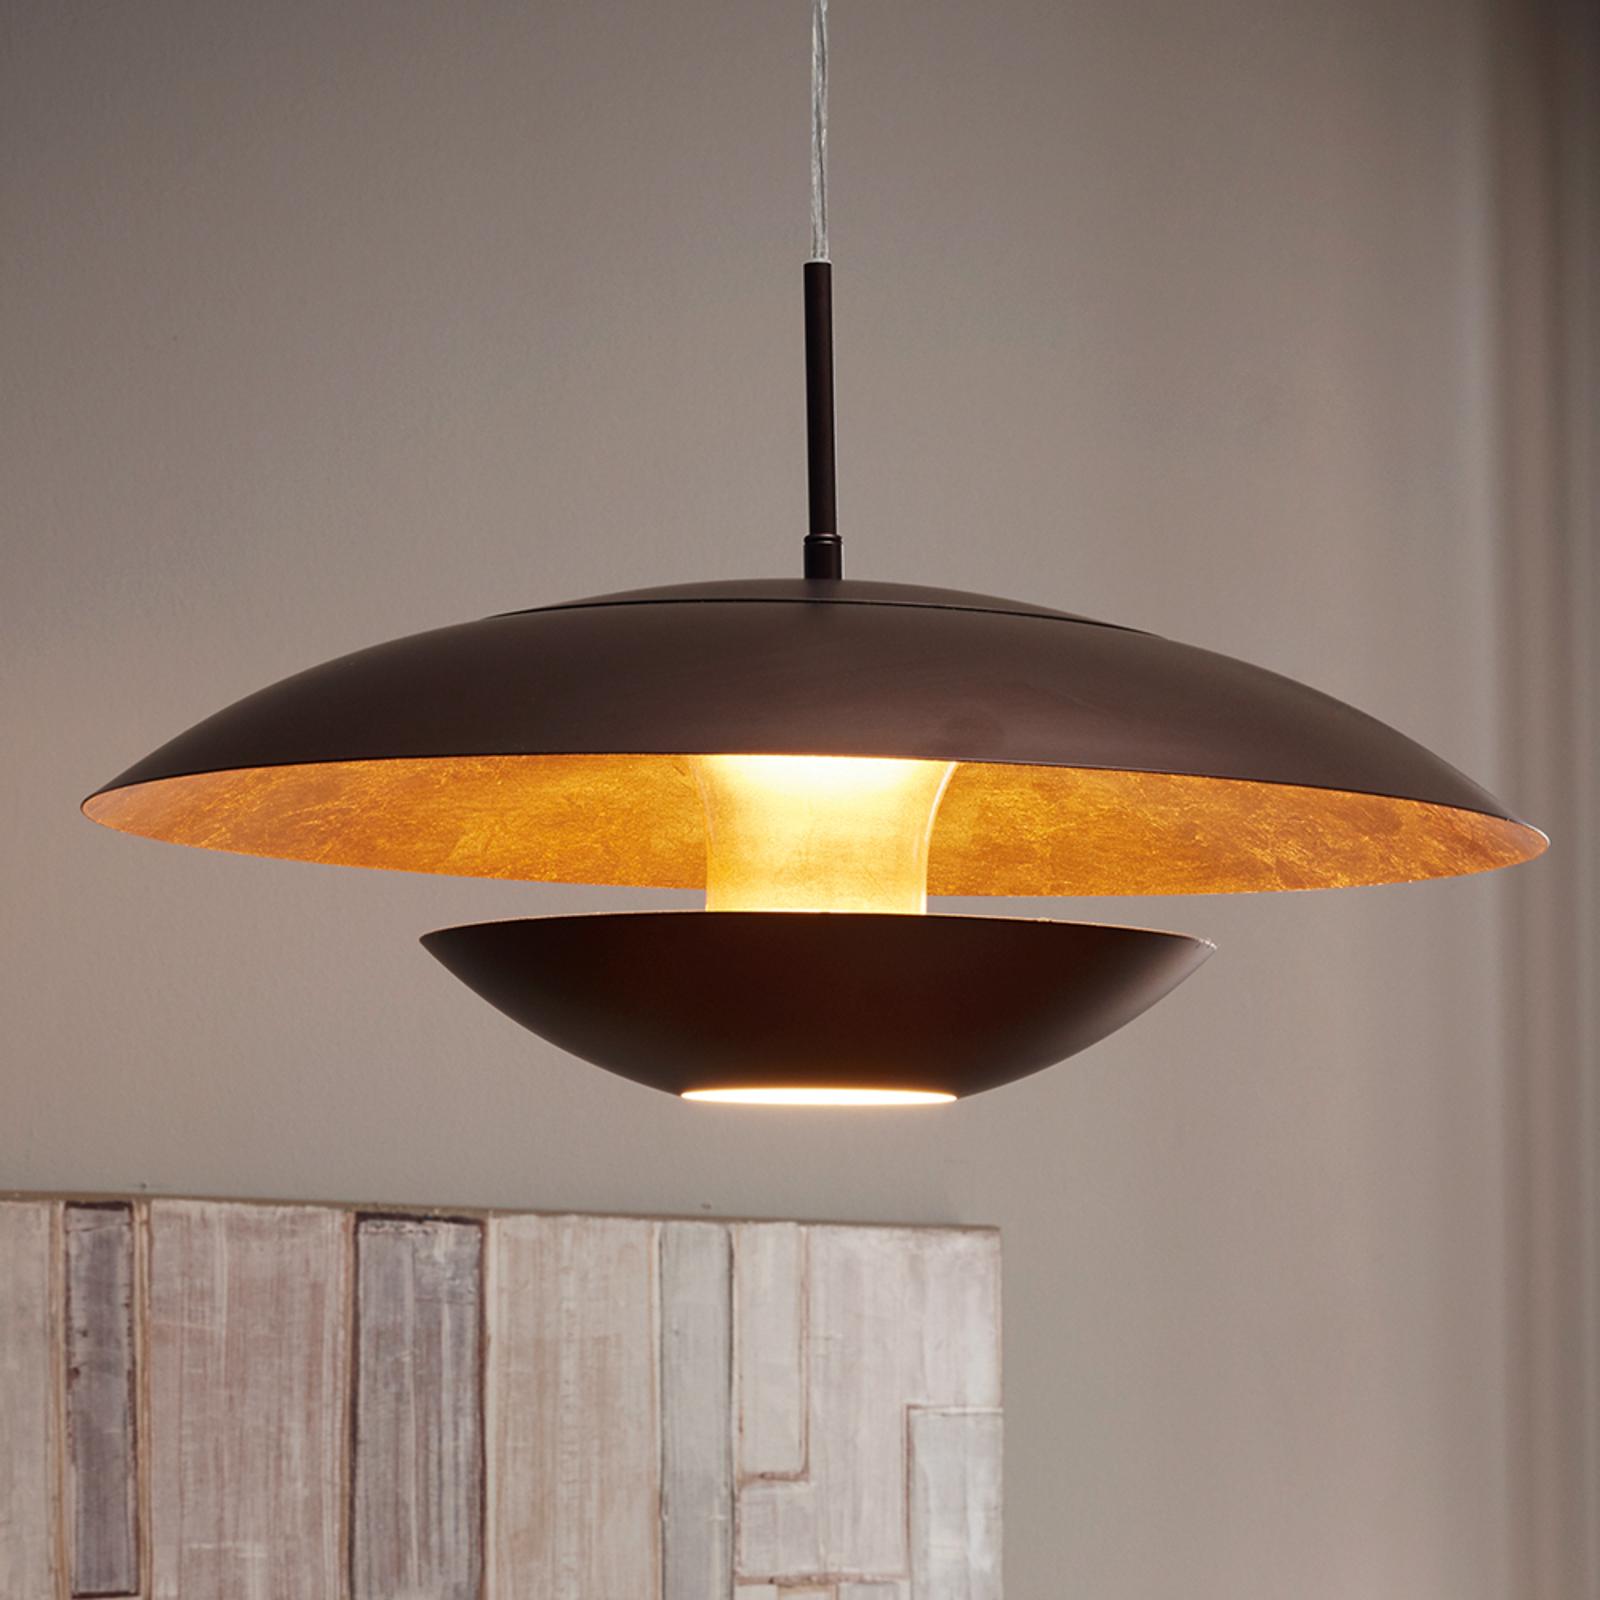 Bruin-goud gelakte hanglamp Nuvano